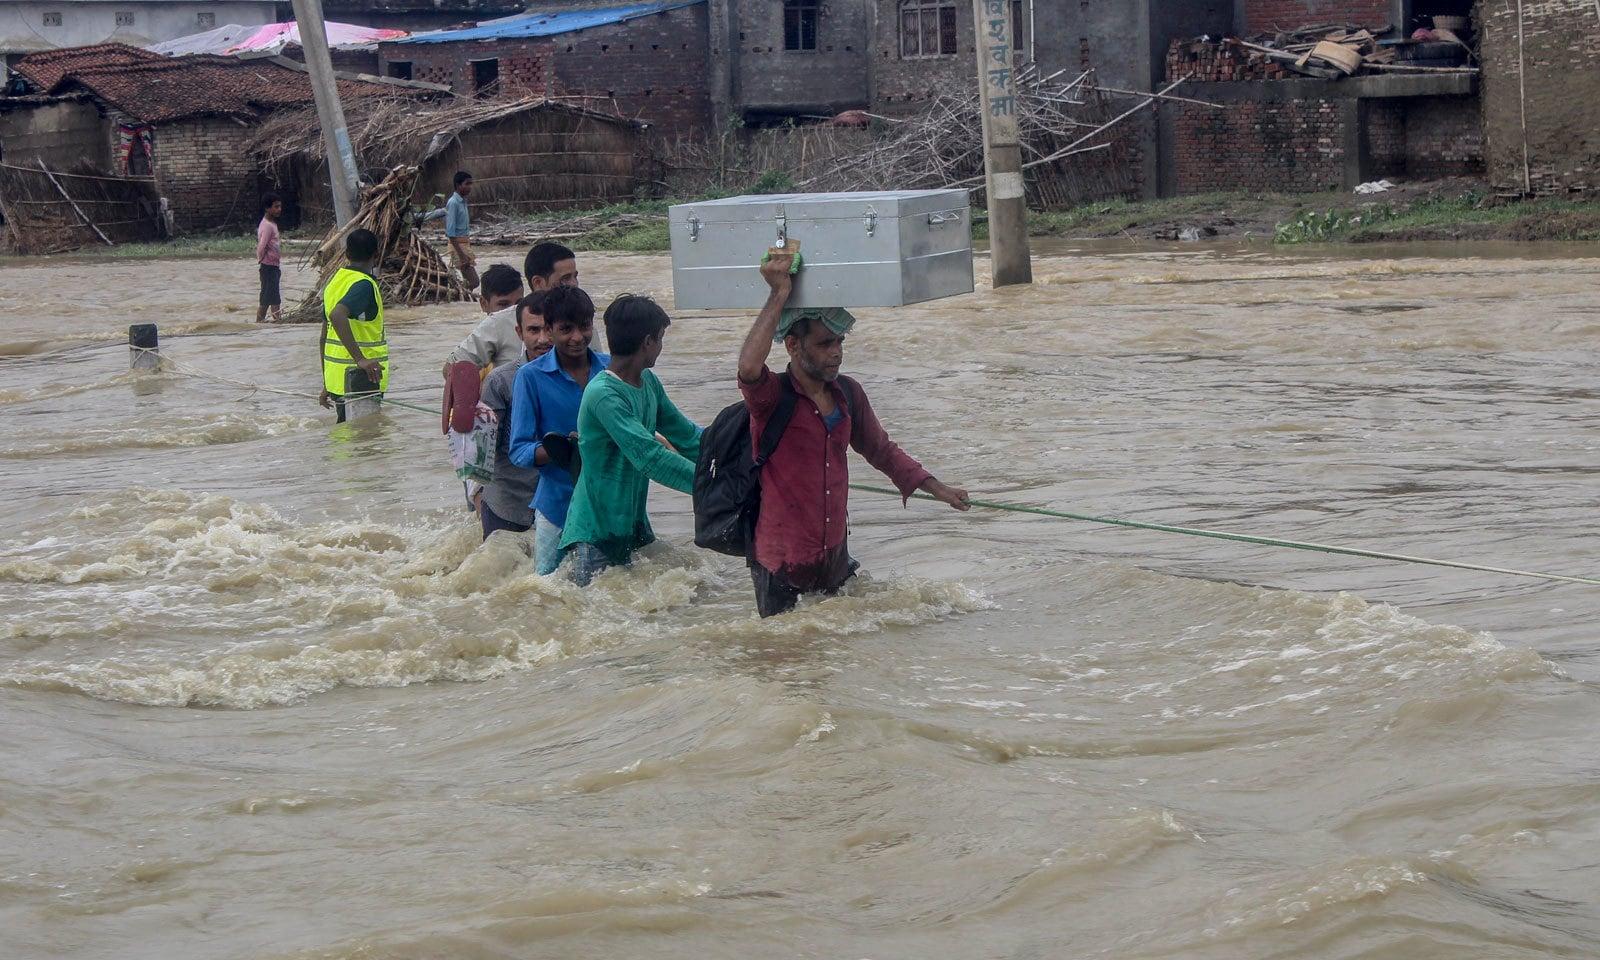 نیپال کے ضلع روتاہت میں سیلاب سے متاثرہ علاقوں کے افراد محفوظ مقامات پر نقل مکانی کر رہے ہیں— فوٹو: اے پی